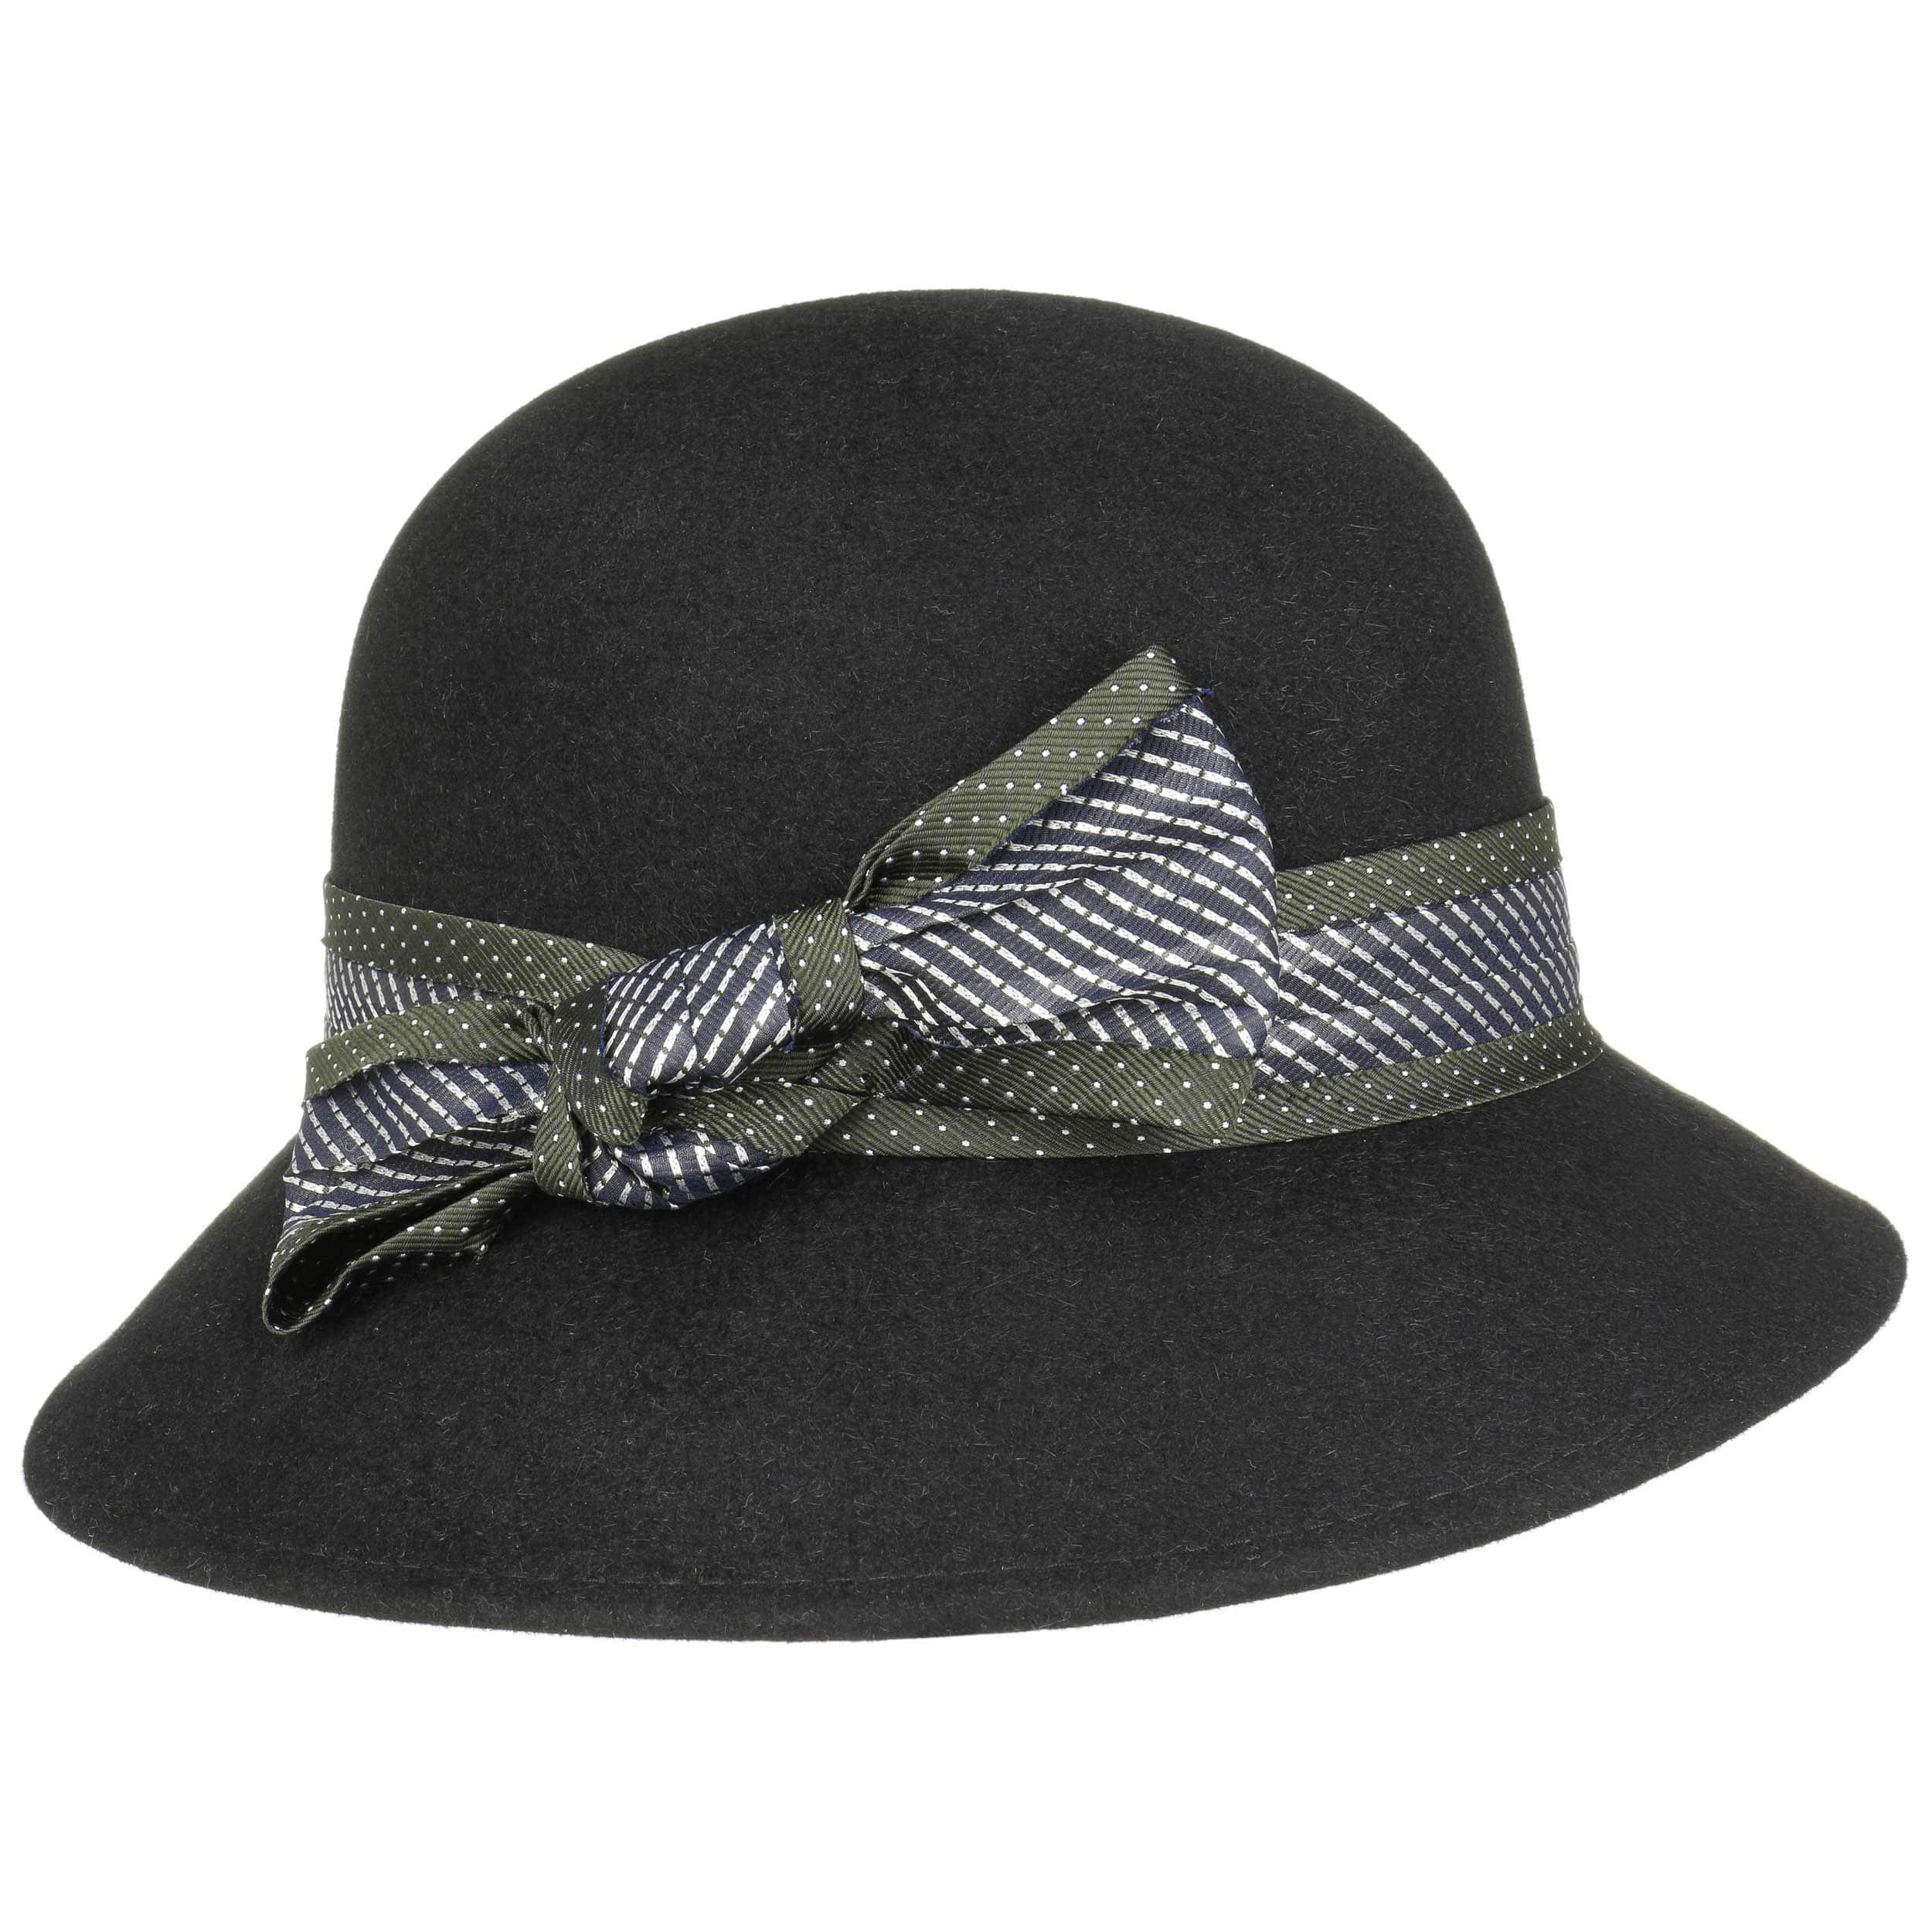 a6b8b42353aa6 Sombrero Cloché Malena by Lierys - Sombreros - sombreroshop.es